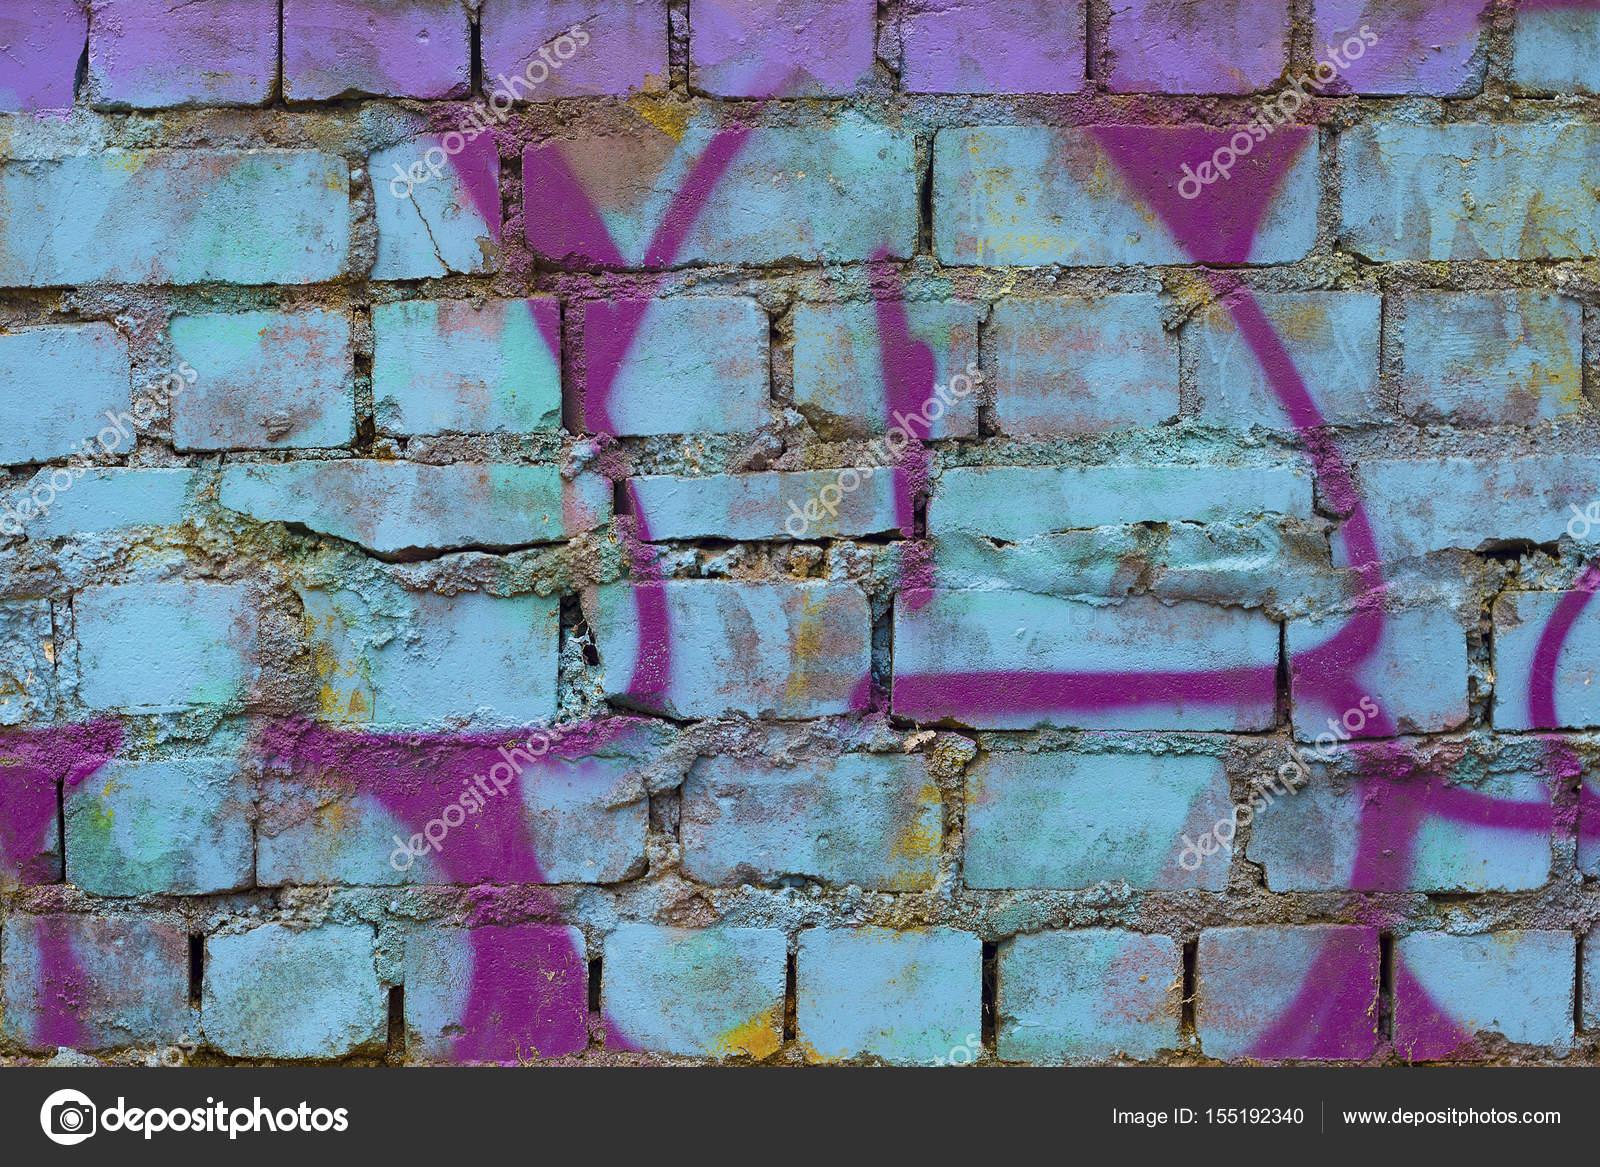 Brick Wall With Graffiti Stock Photo 155192340